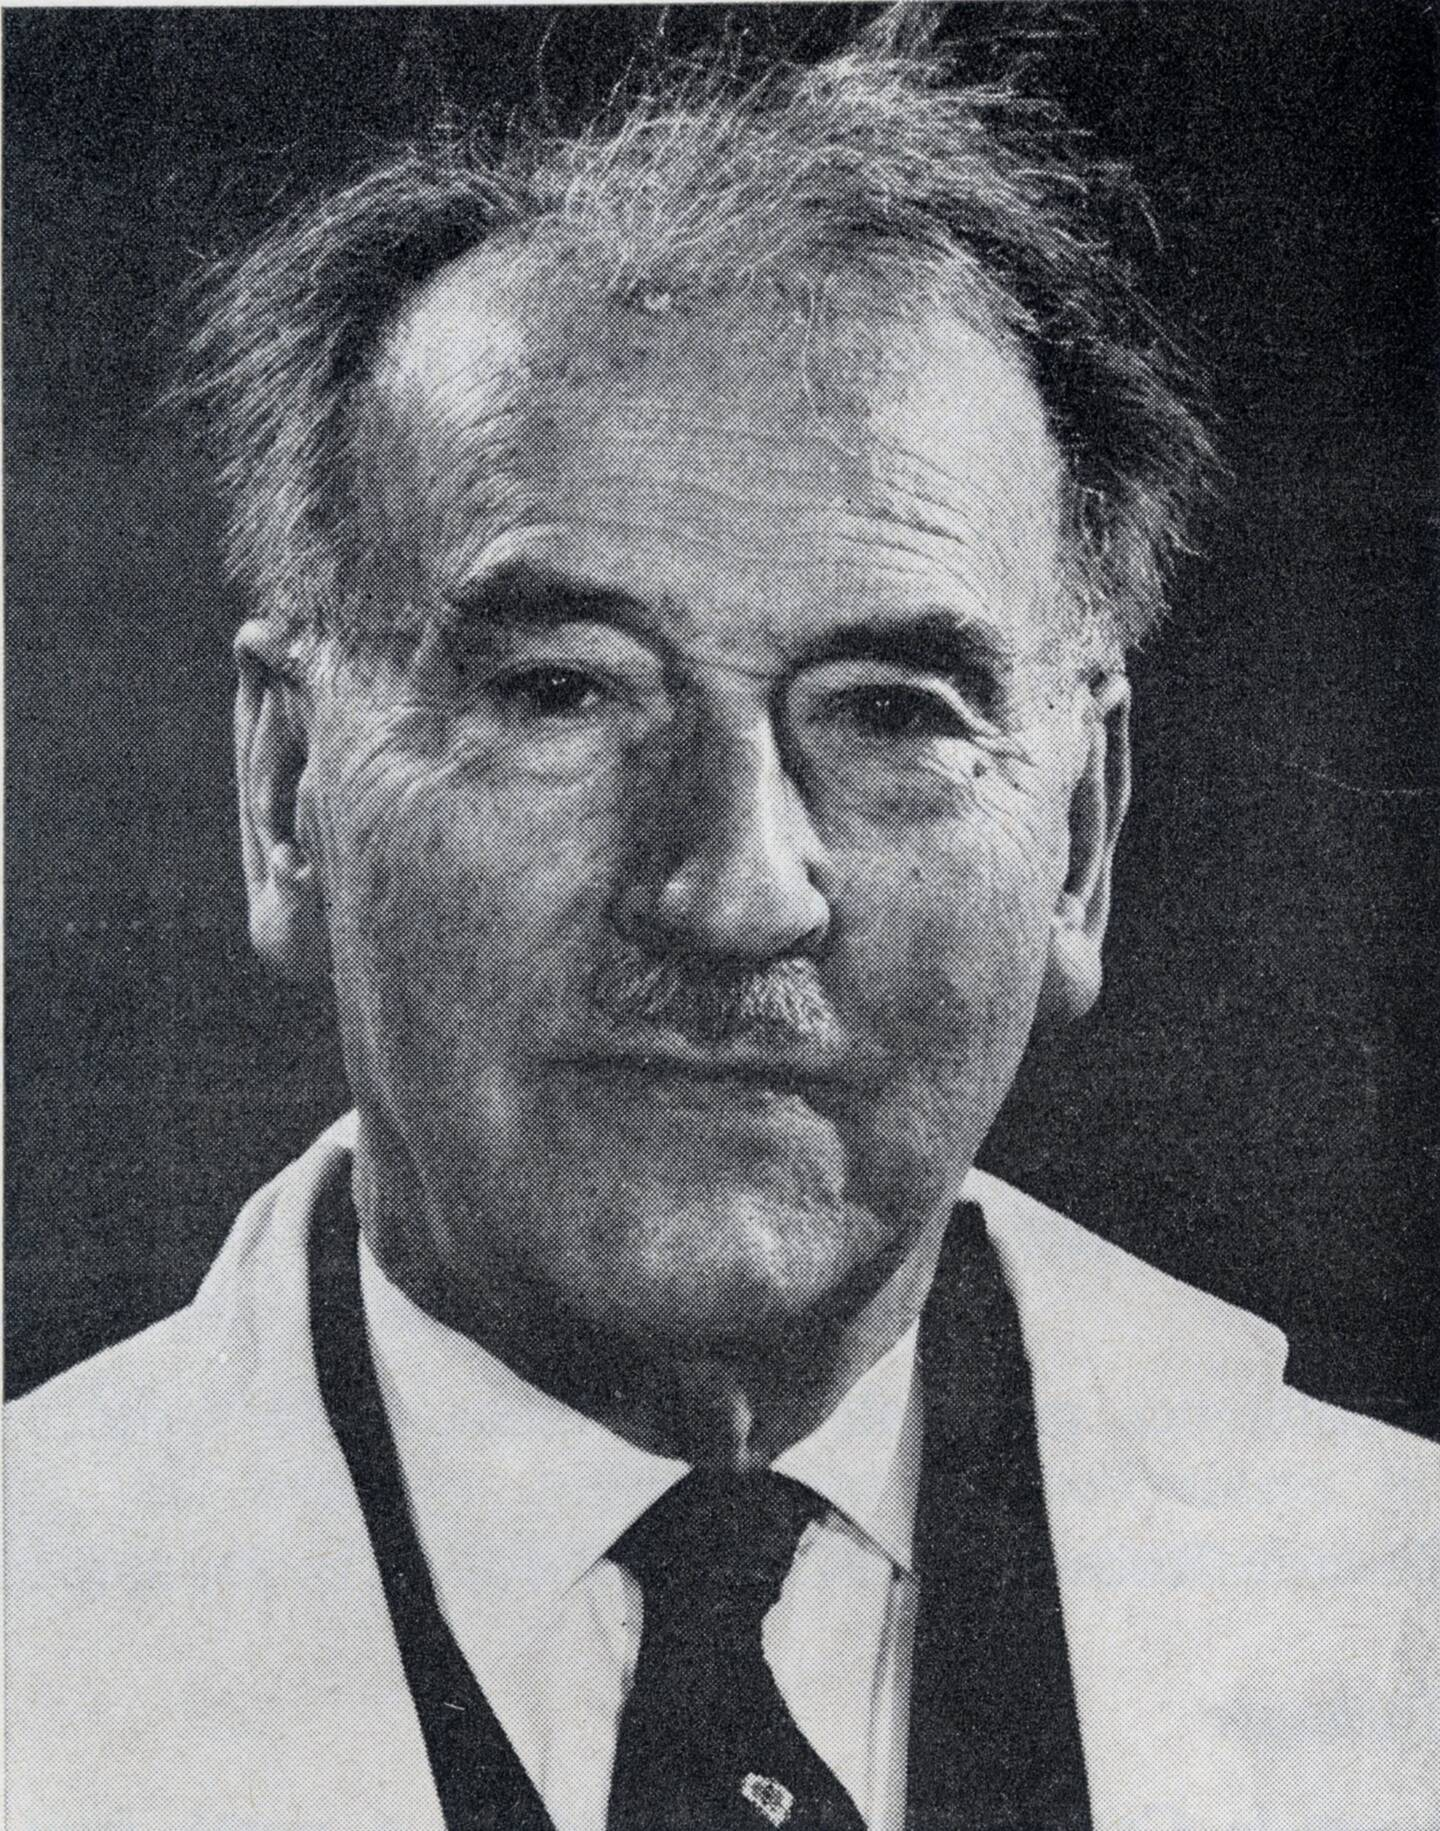 Le Dr Antoine Lacassagne a donné son nom au centre de lutte contre le cancer niçois à sa mort en 1971.